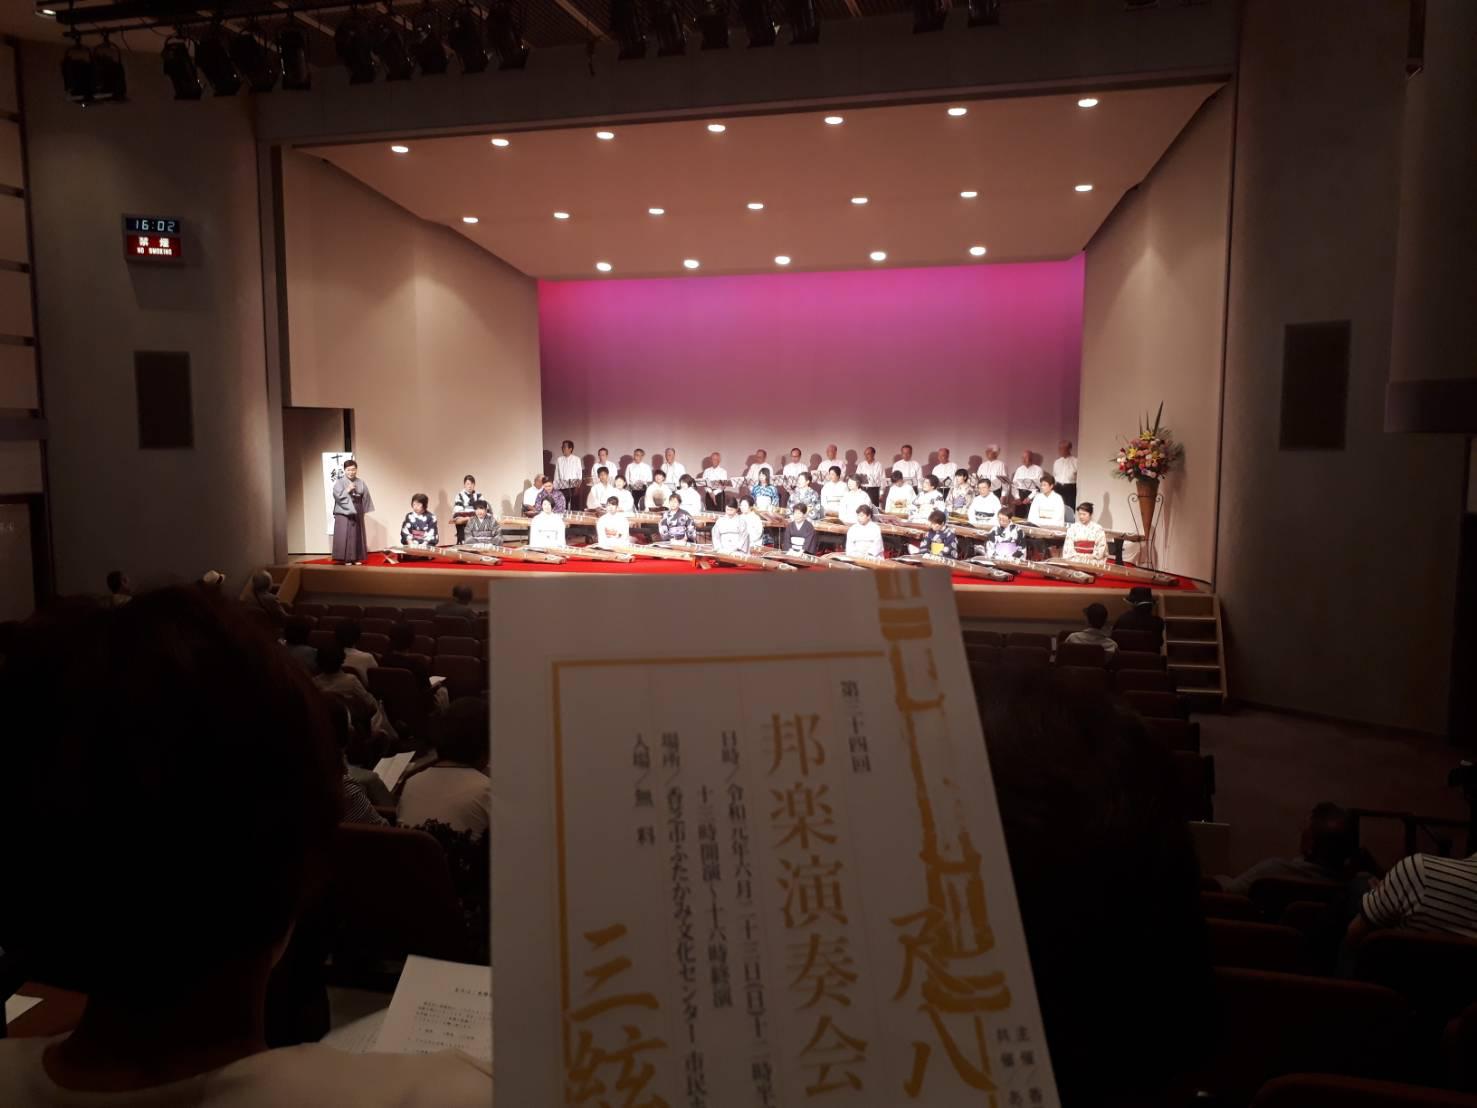 邦楽演奏会@ふたかみ文化センター